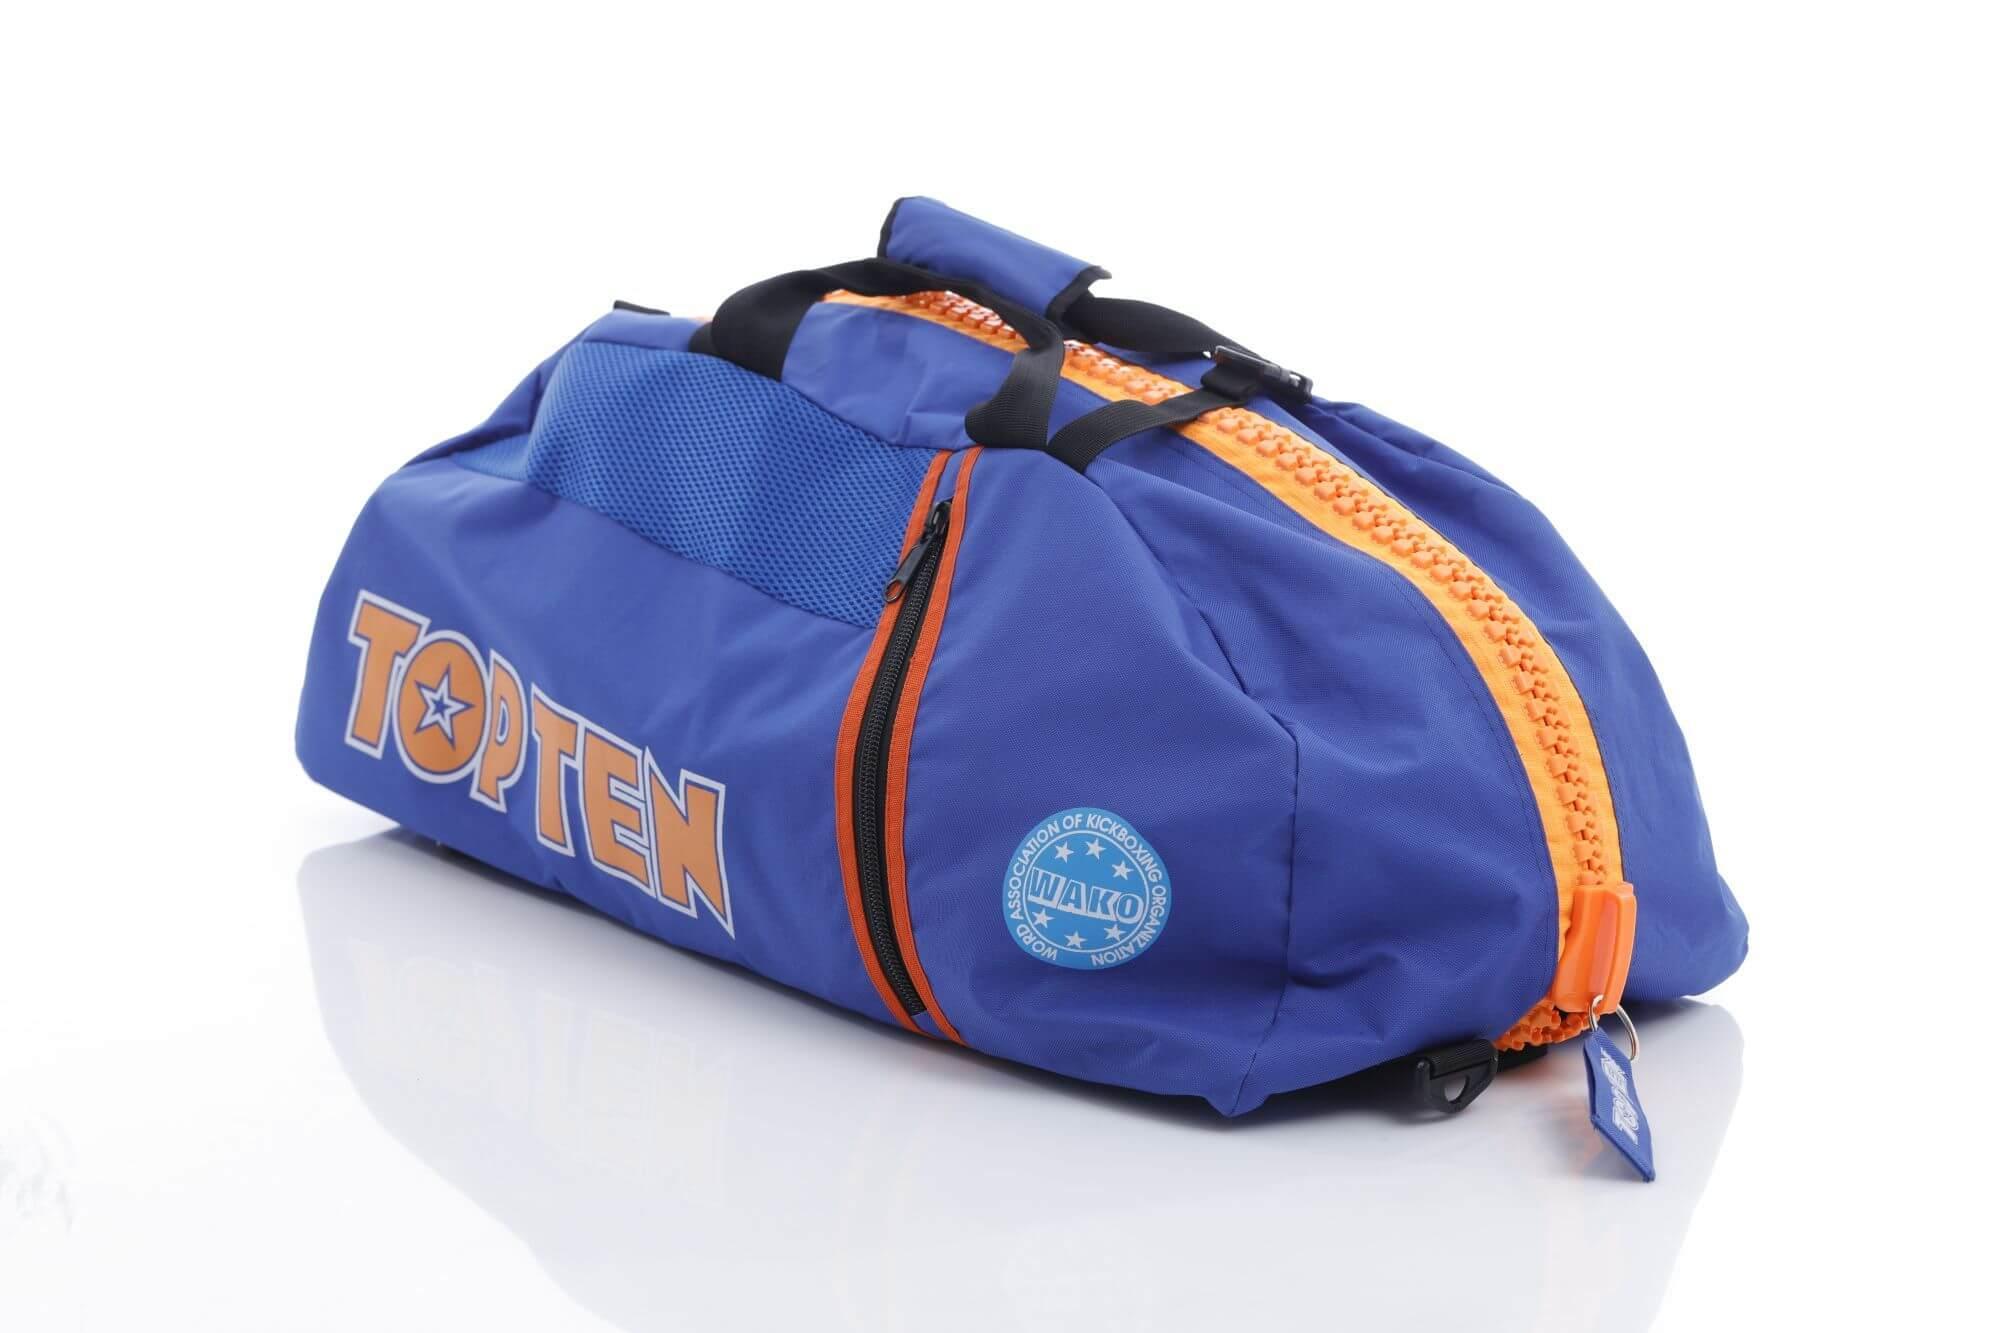 Rucksacktasche WAKO Blau-Orange